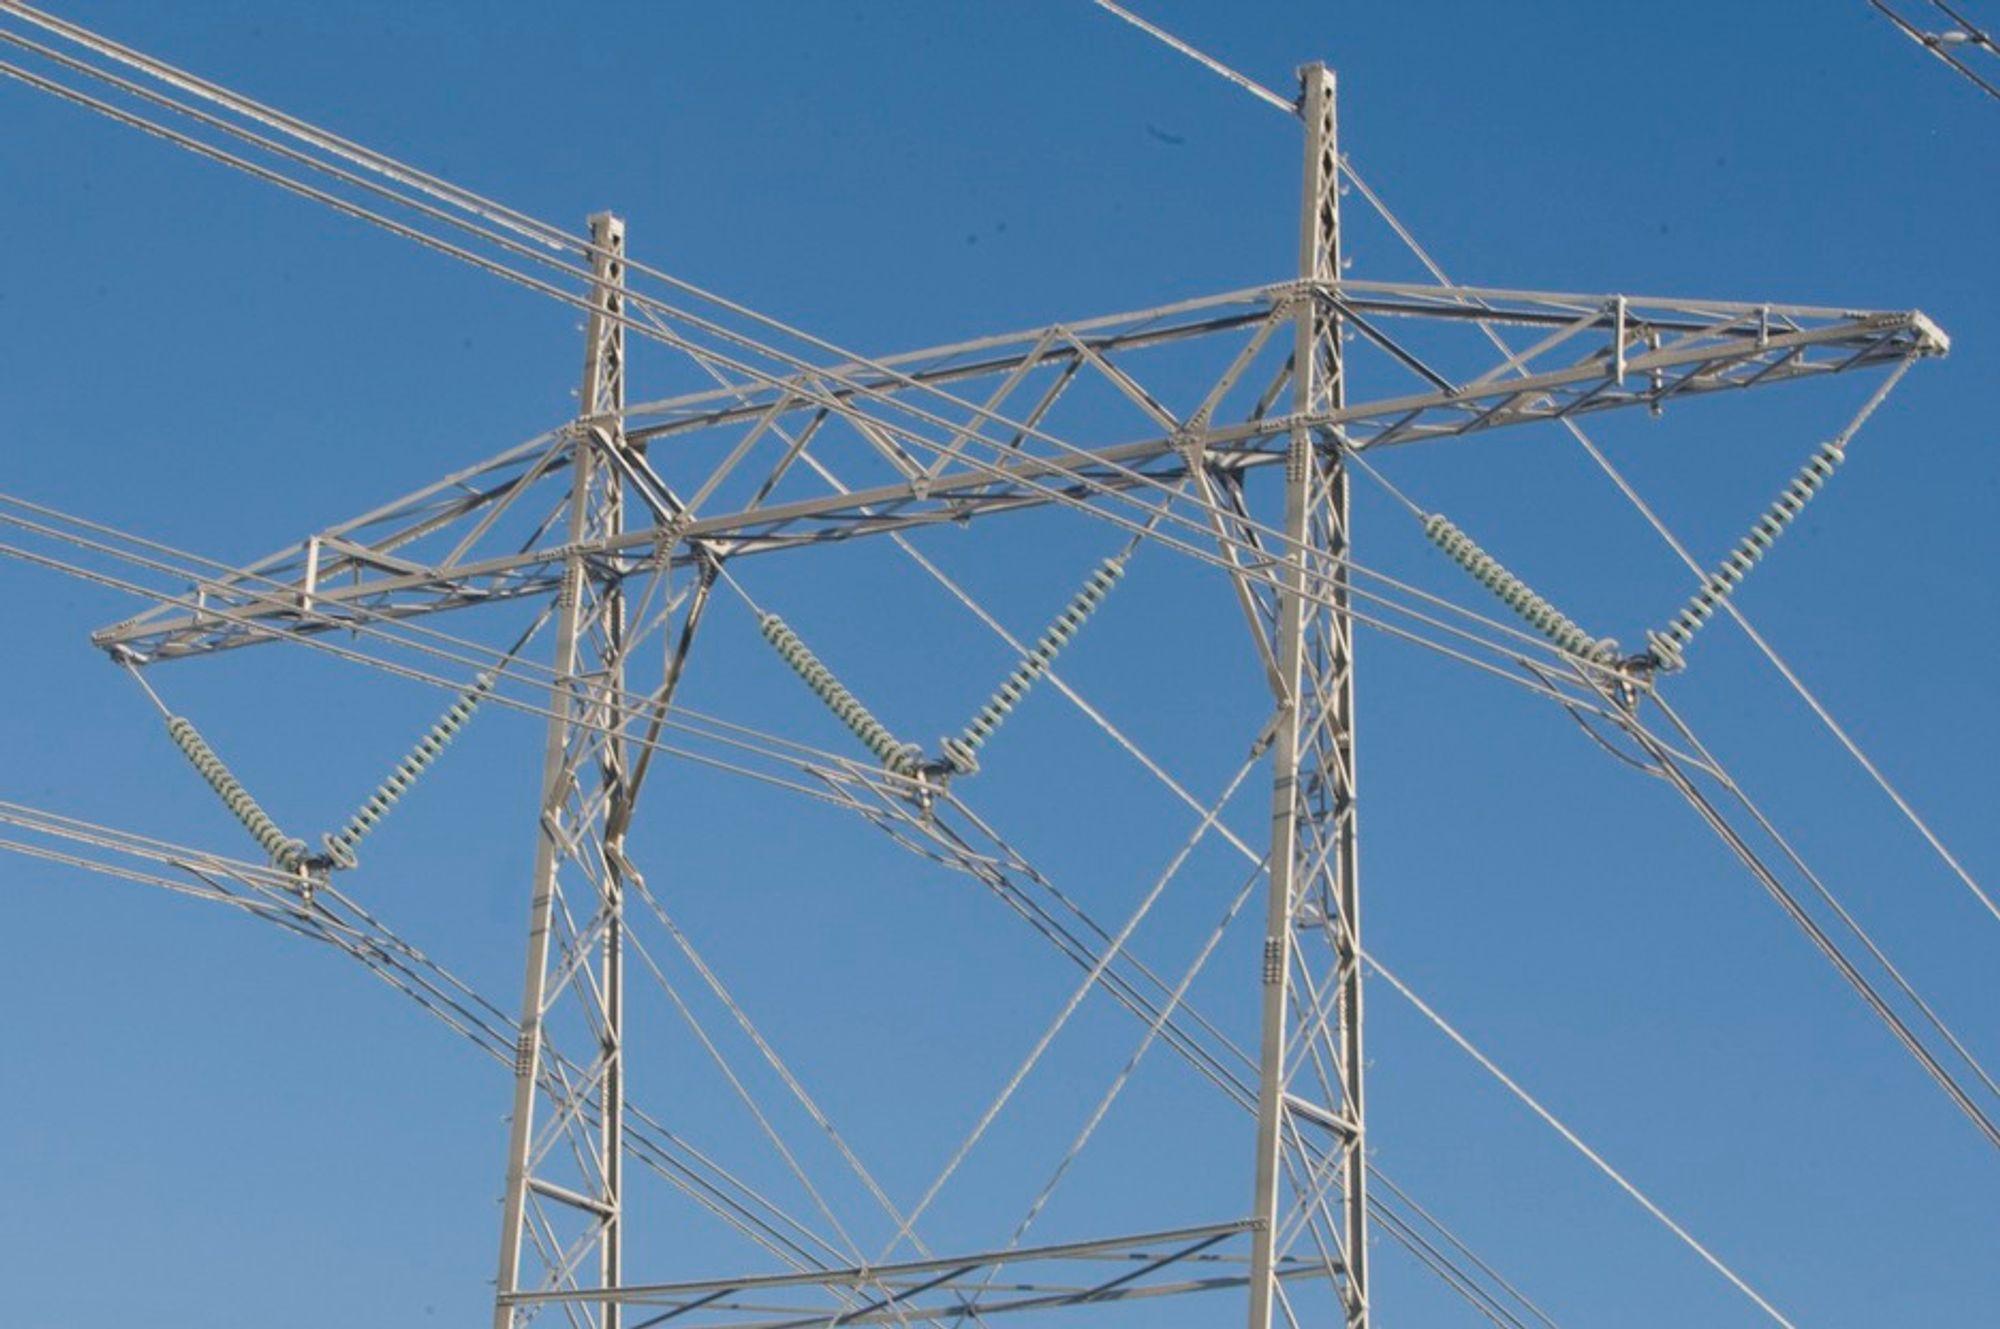 Statnett oppgraderer kraftlinjen mellom Samnanger og Mauranger.